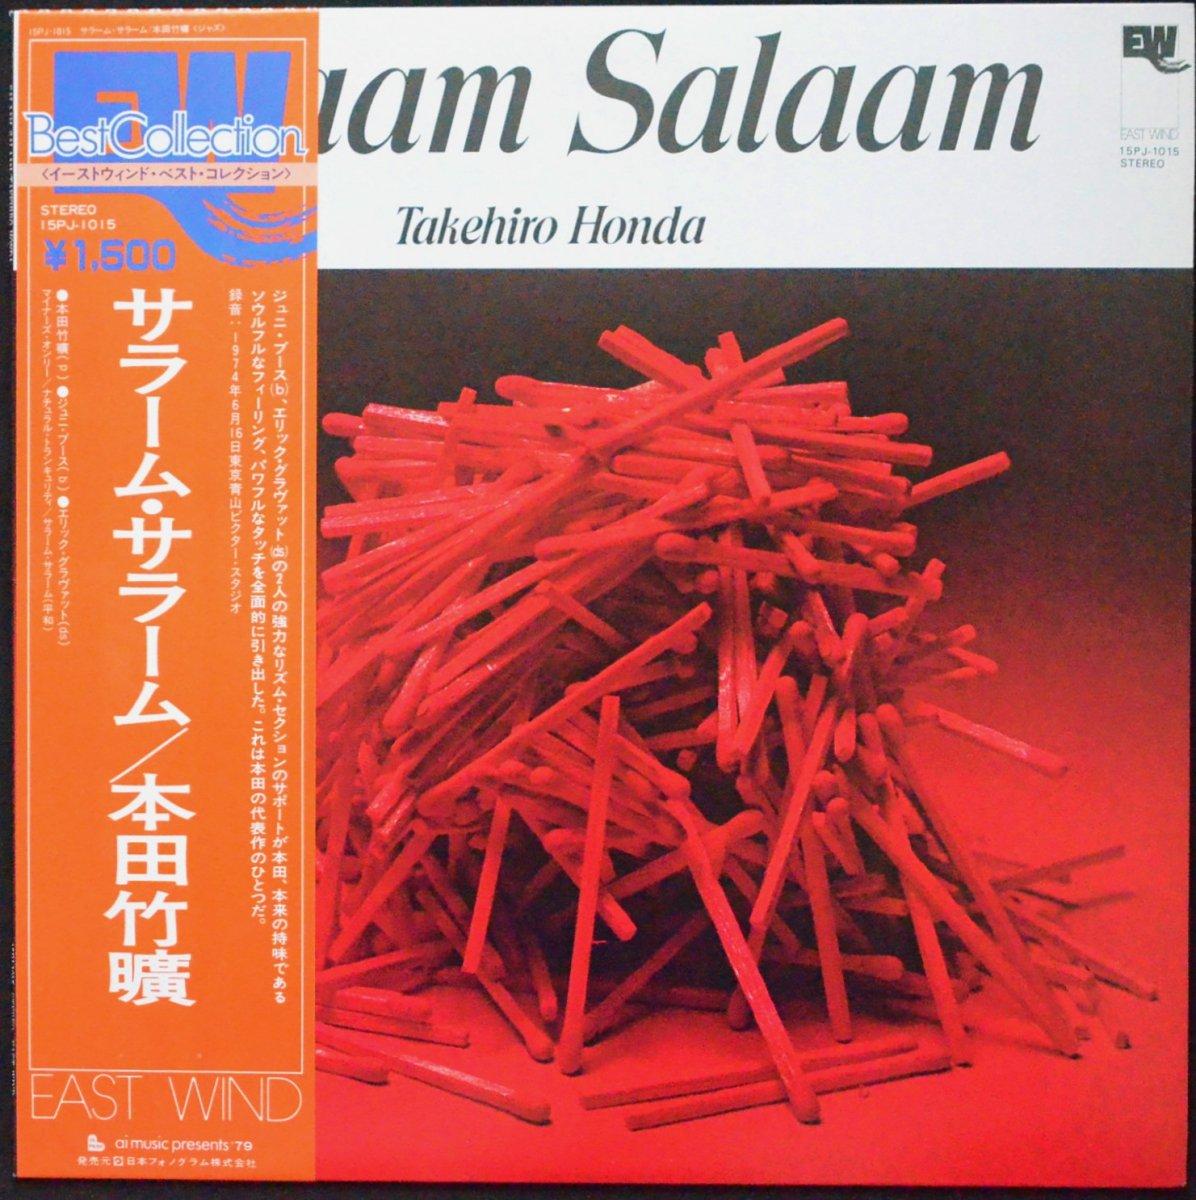 本田竹曠 (竹彦) TAKEHIRO HONDA / サラーム・サラーム SALAAM SALAAM (LP)